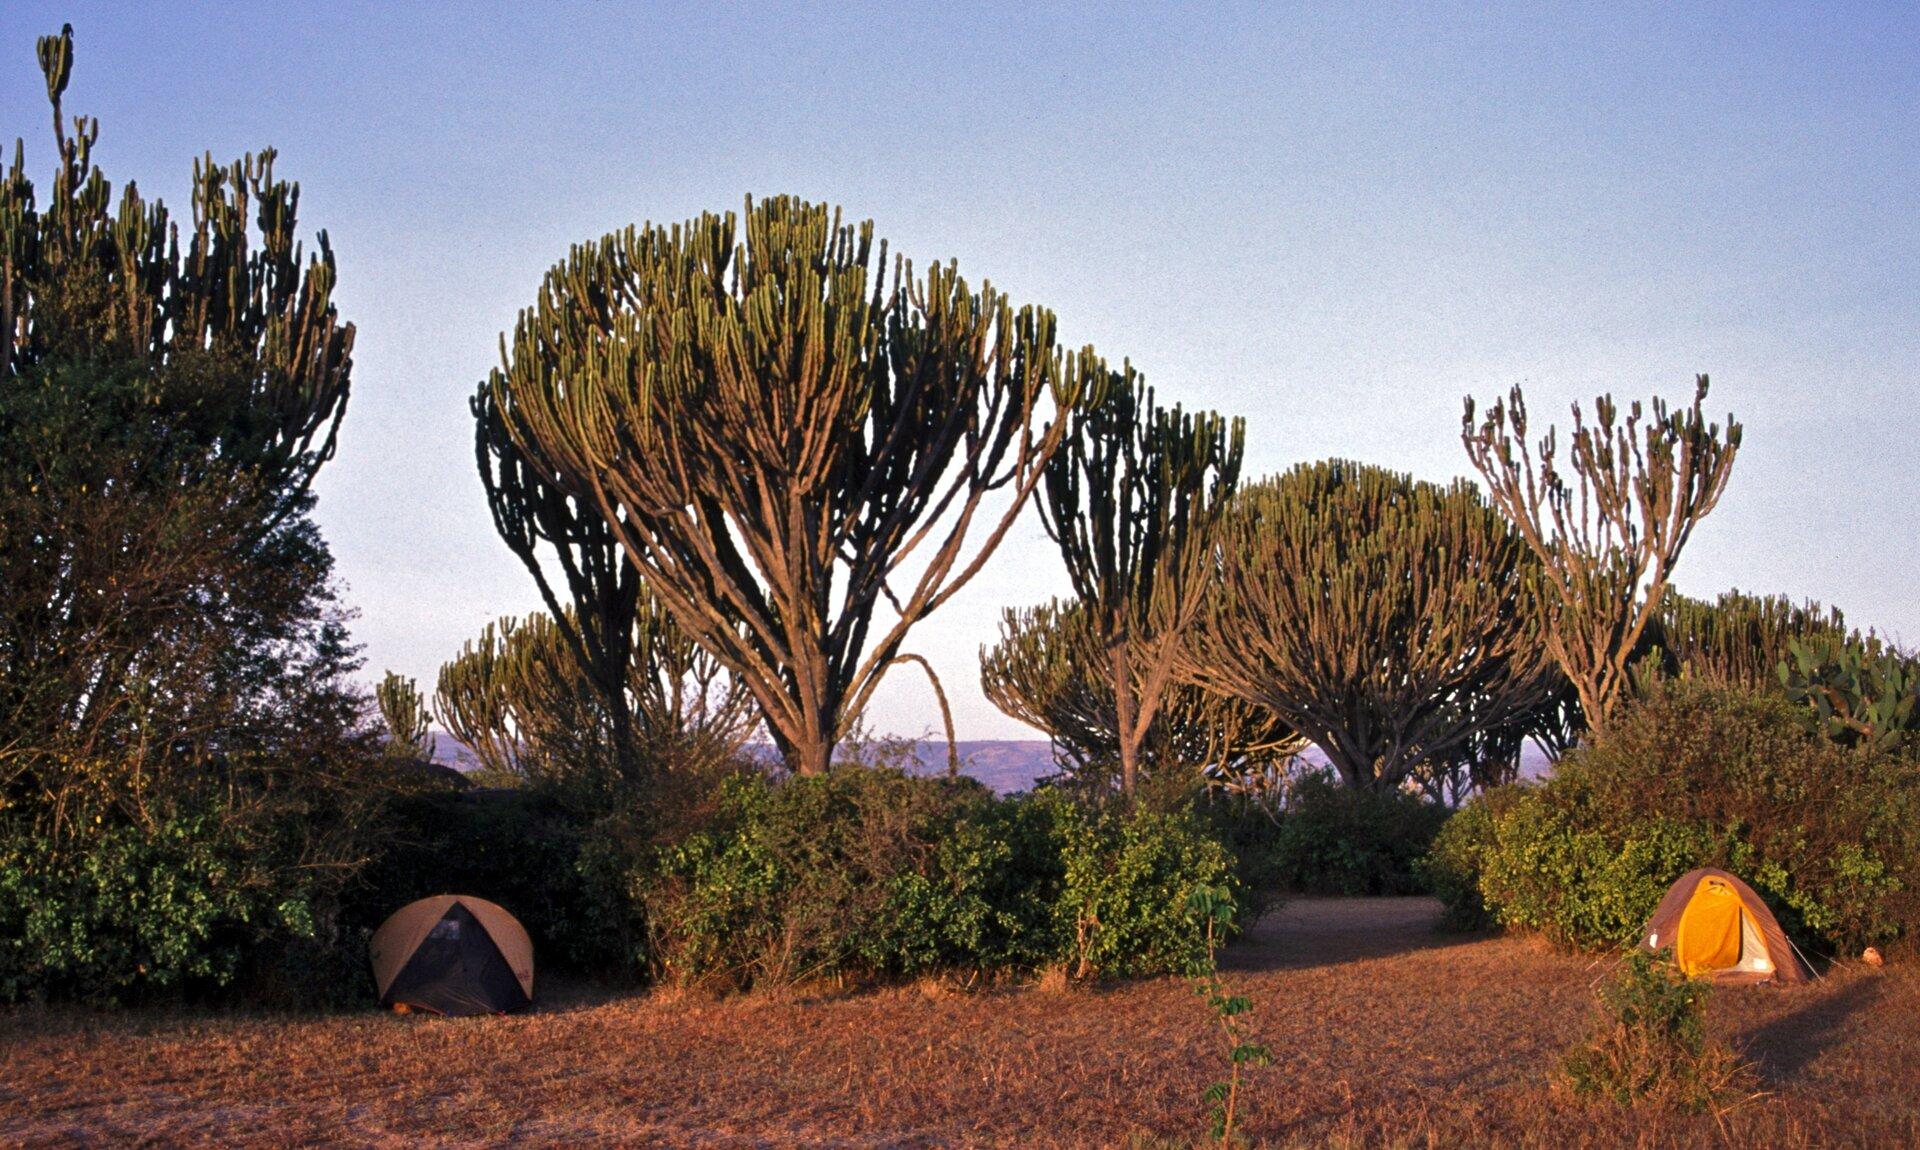 Fotografia prezentuje wilczomlecz kandelabrowy, osadzony na wysokiej łodydze rozgałęziający się sukulent, przypominający wyglądem drzewo.